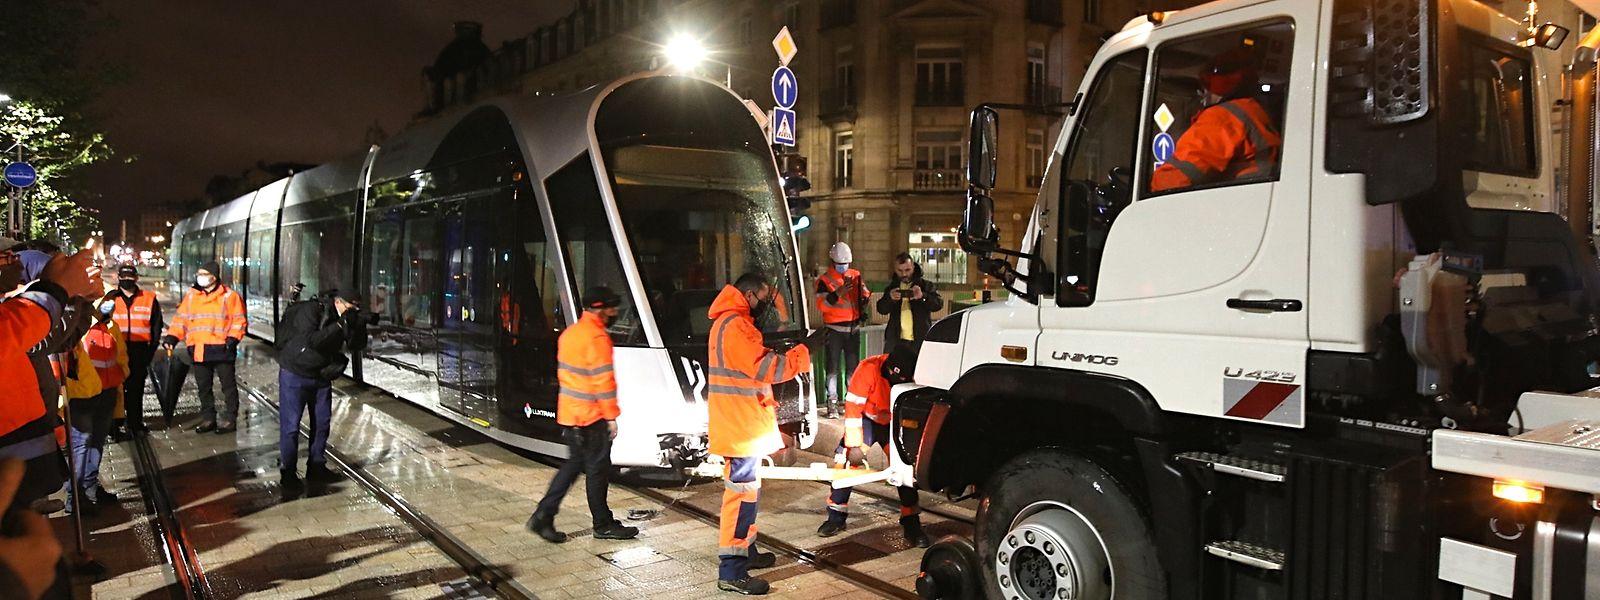 A défaut de pouvoir recharger ses batteries, c'est poussé par un Unimog que le tram terminera sa soirée.